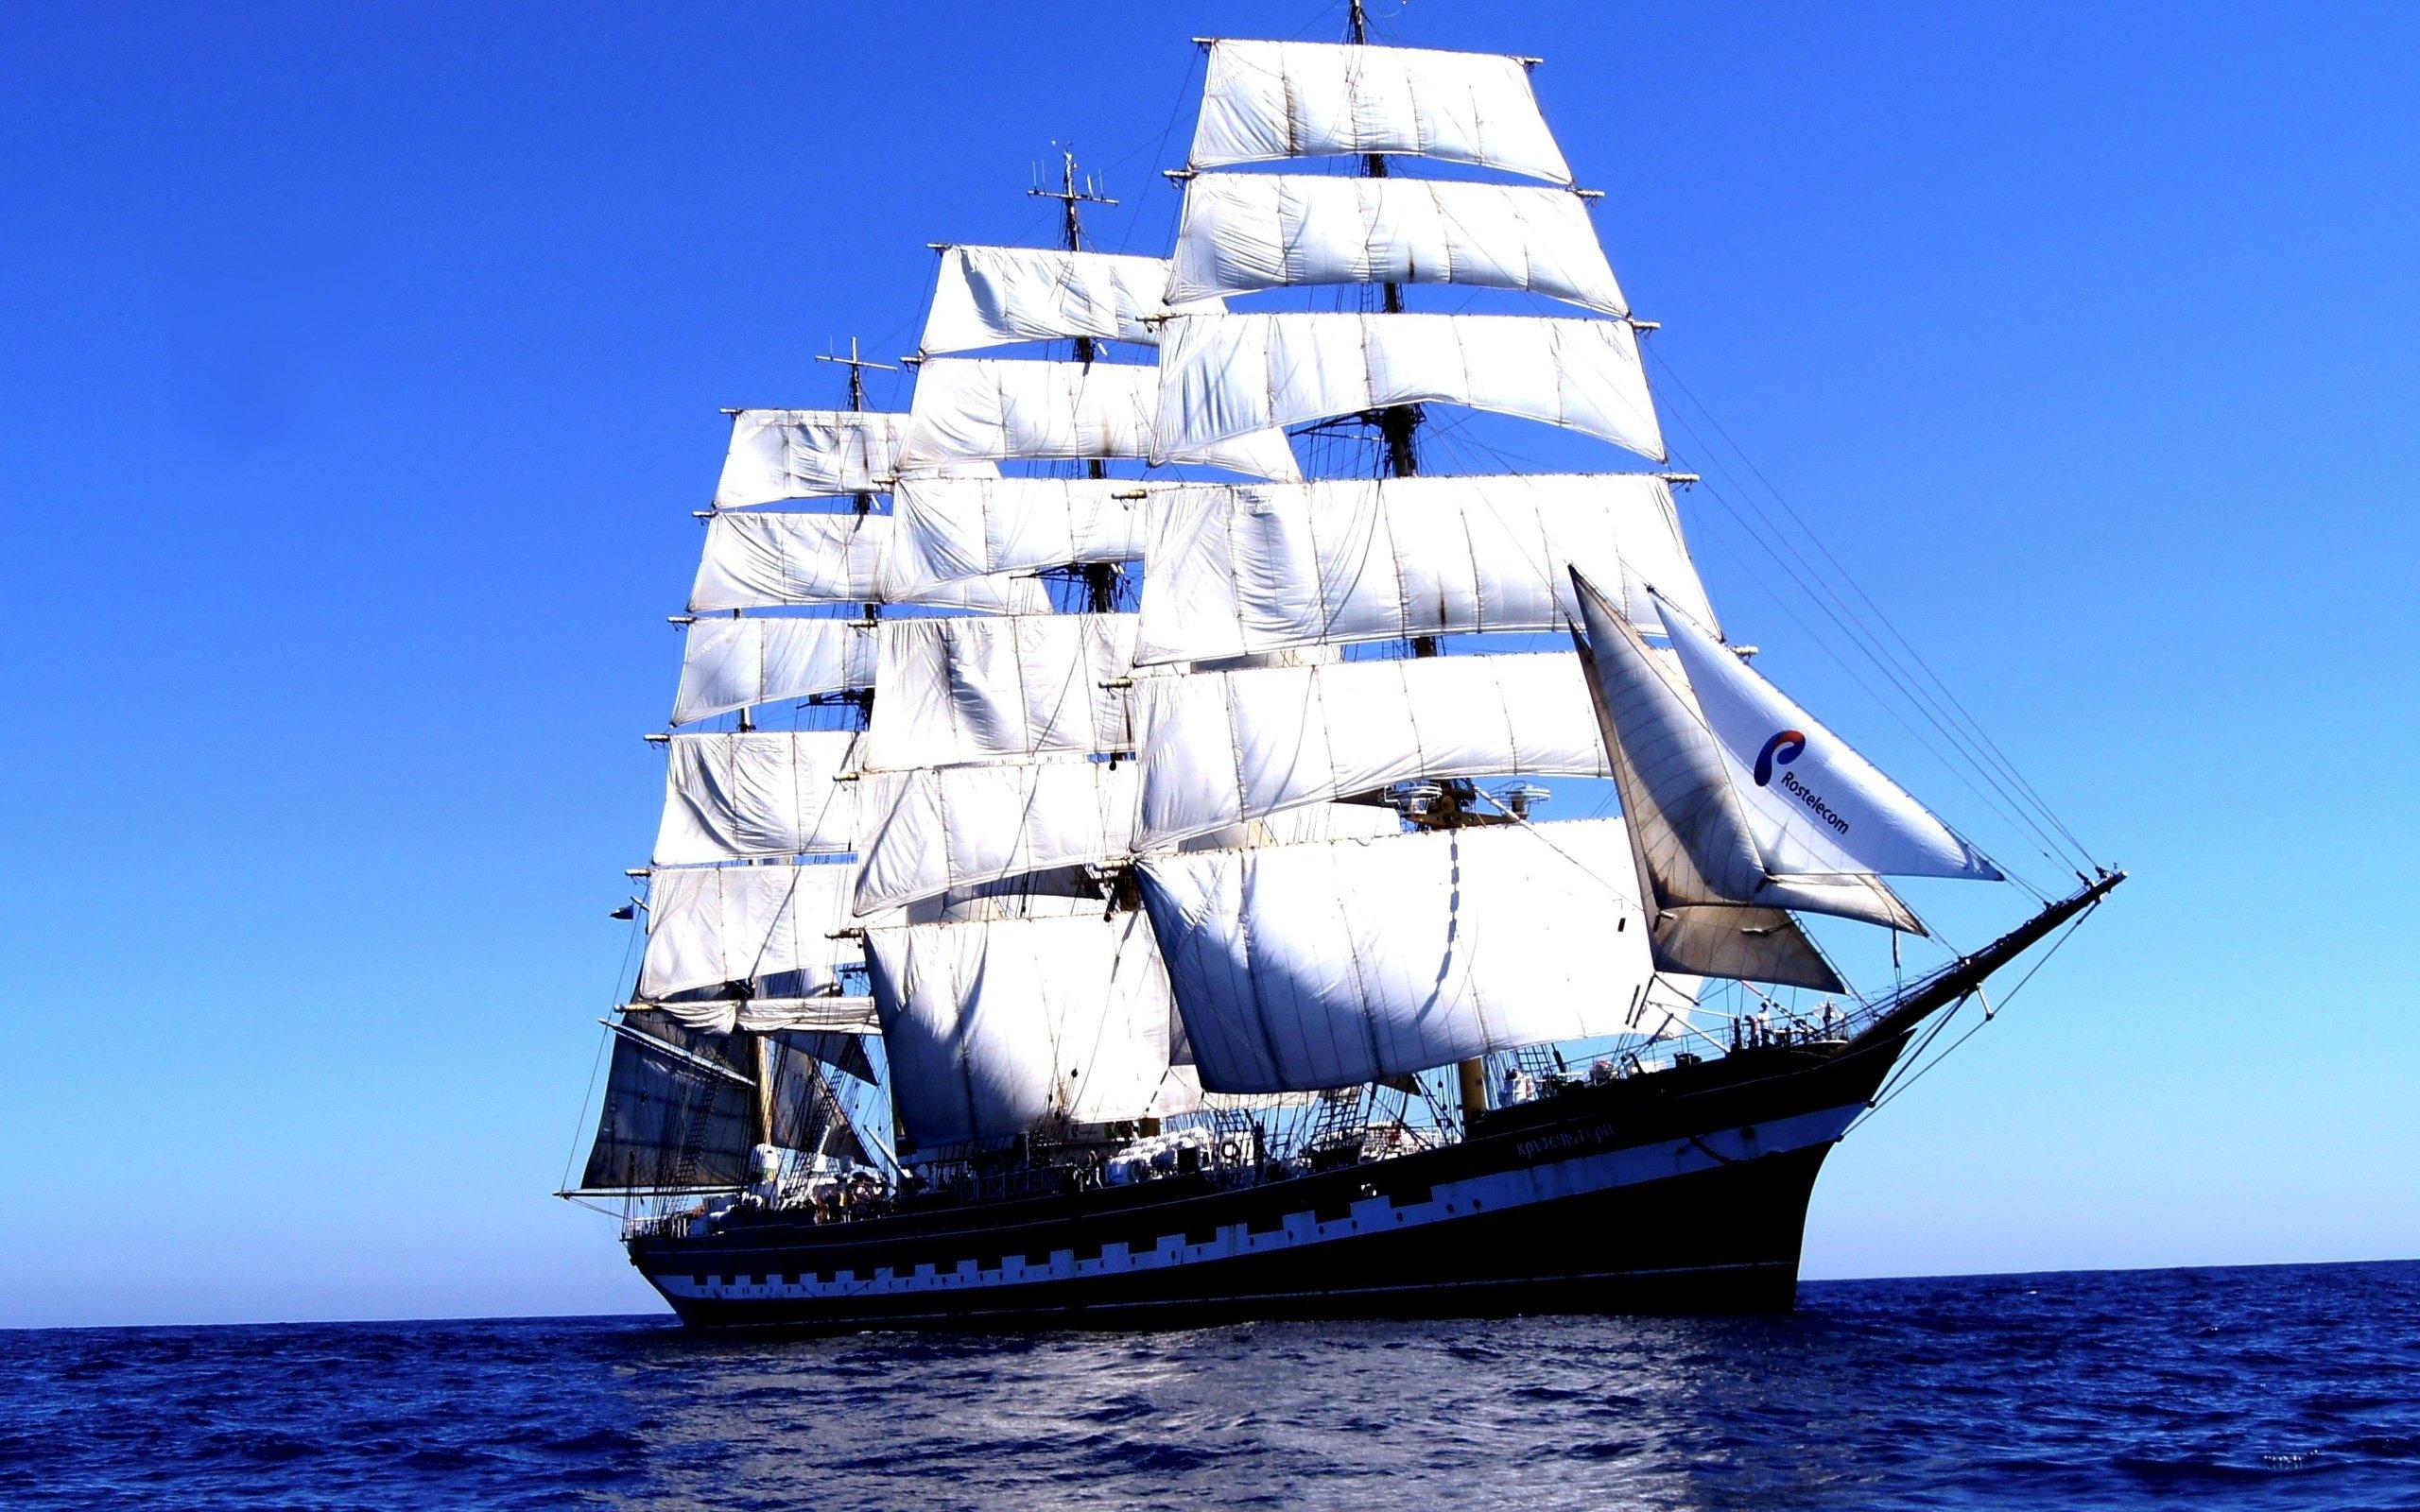 Судно парусное яхта фото   pic2me